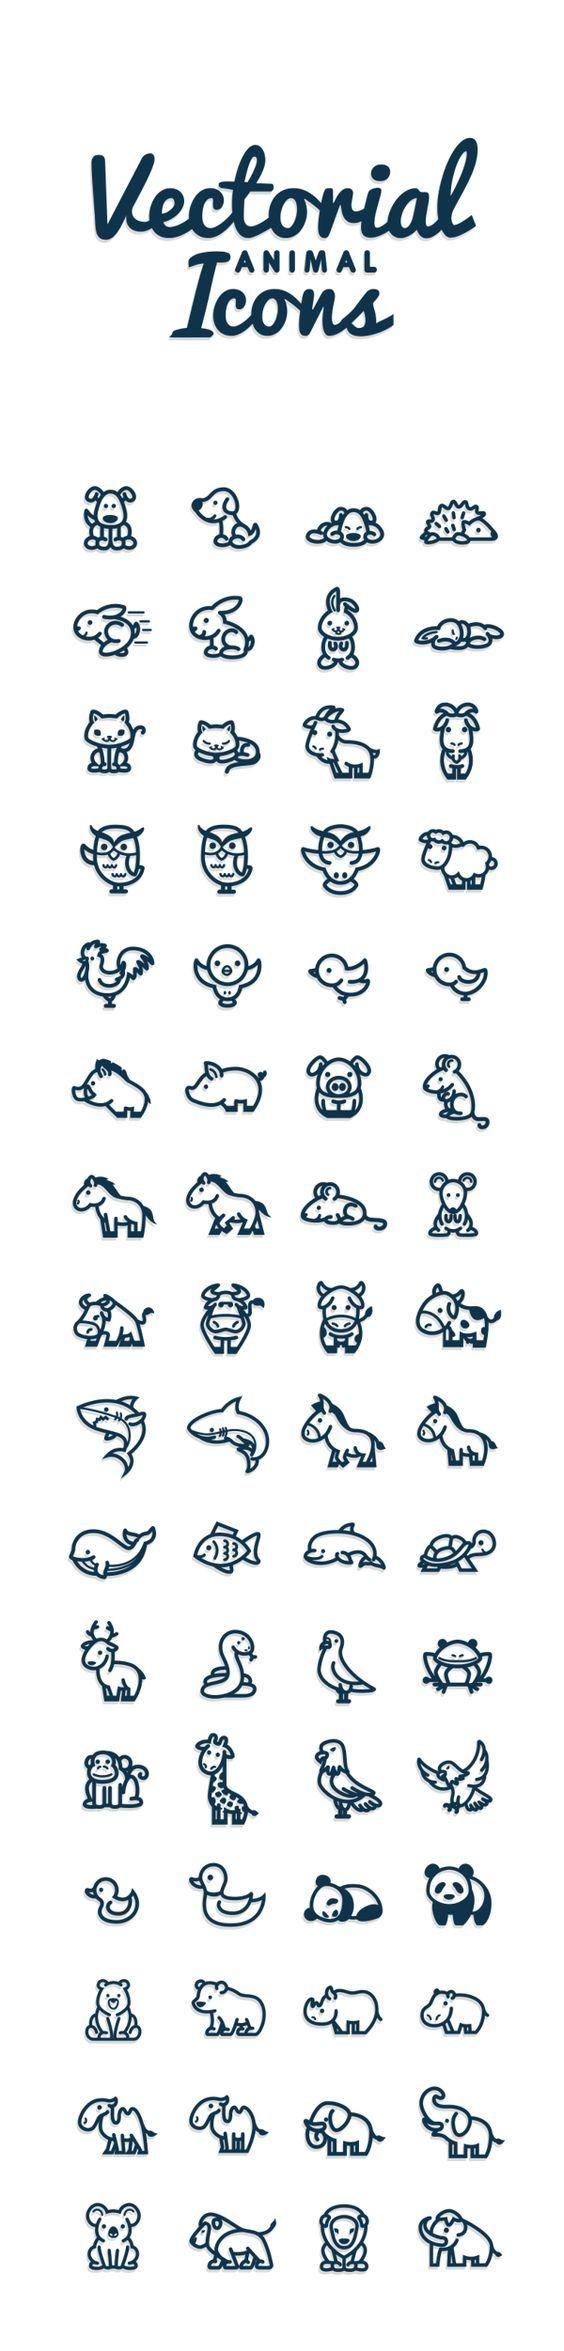 Vectorial Animals by Bodea Daniel, via Behance // Petits animaux divers : chien, hérisson, lapin, chat, chèvre, hibou, mouton, coq, oiseau, sanglier, cochon, cheval, souris, vache, requin, âne, baleine, poisson, dauphin, tortue, renne, serpent, pigeon, mouette, grenouille, singe, girafe, aigle, canard, panda, ours, rhinocéros, hippopotame, chameau, éléphant, koala, lion, mammouth: